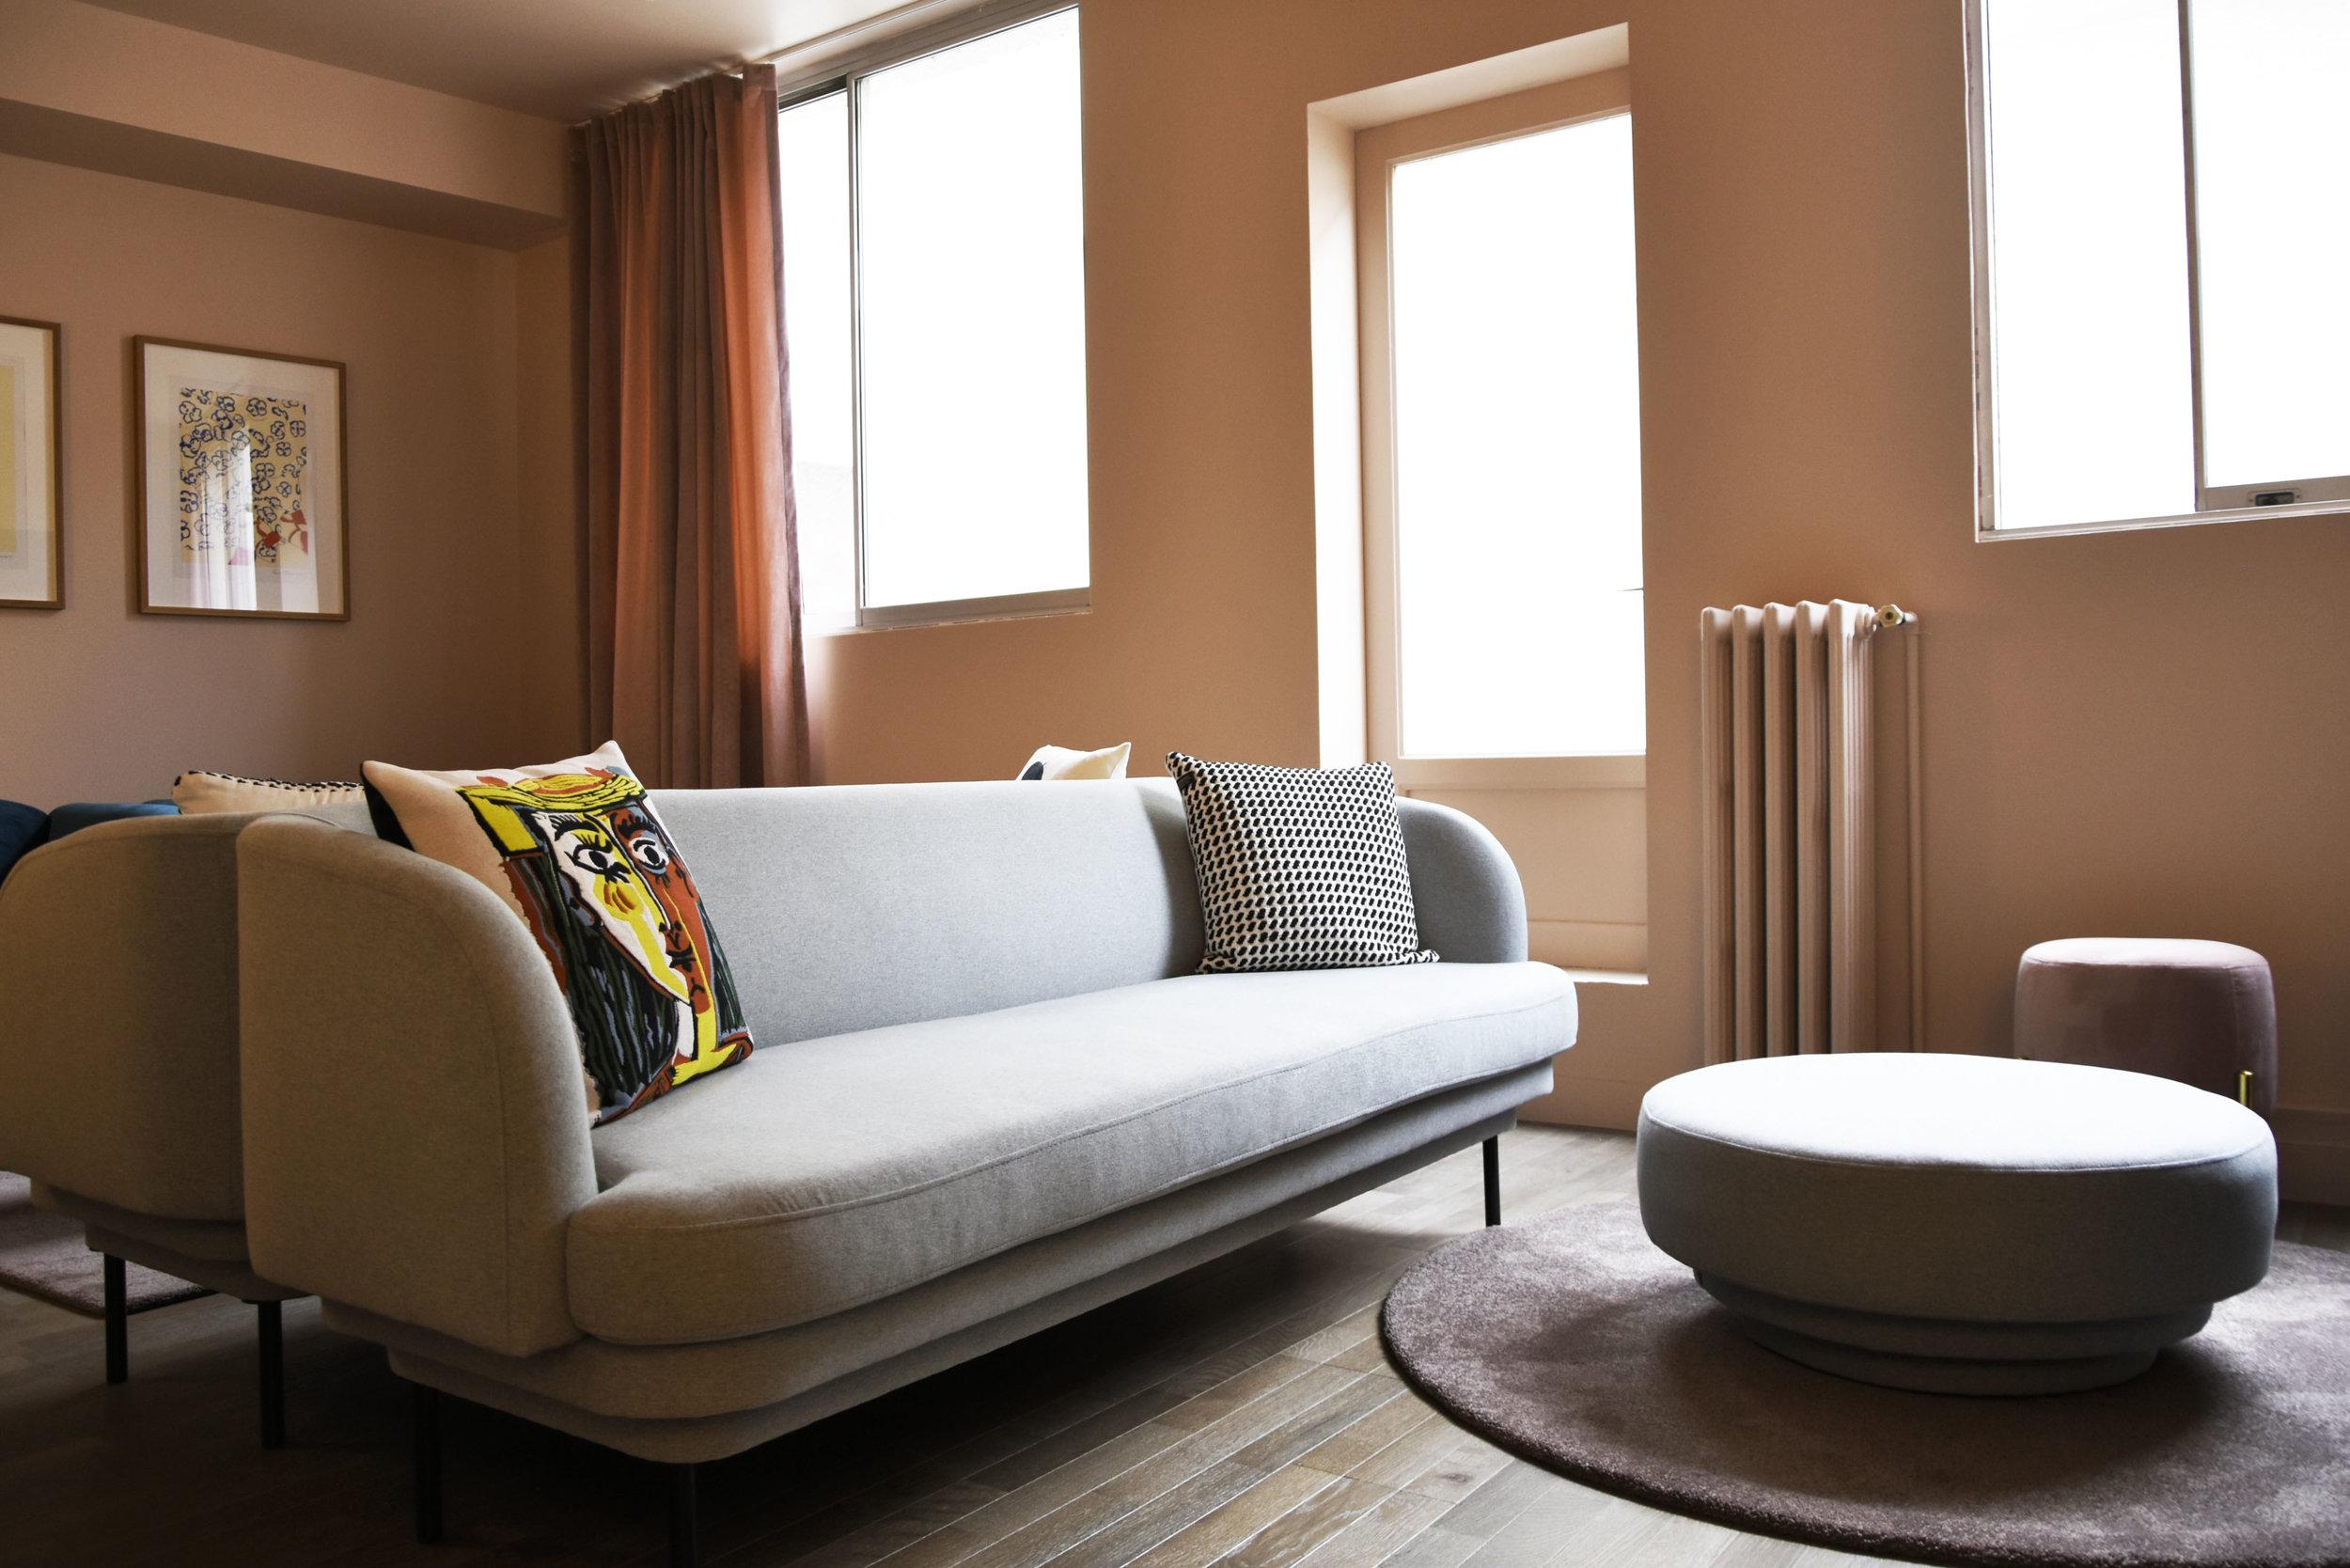 GALERIE LAFAYETTE espace client premium / CORNICE pouf, CORNICE sofa,